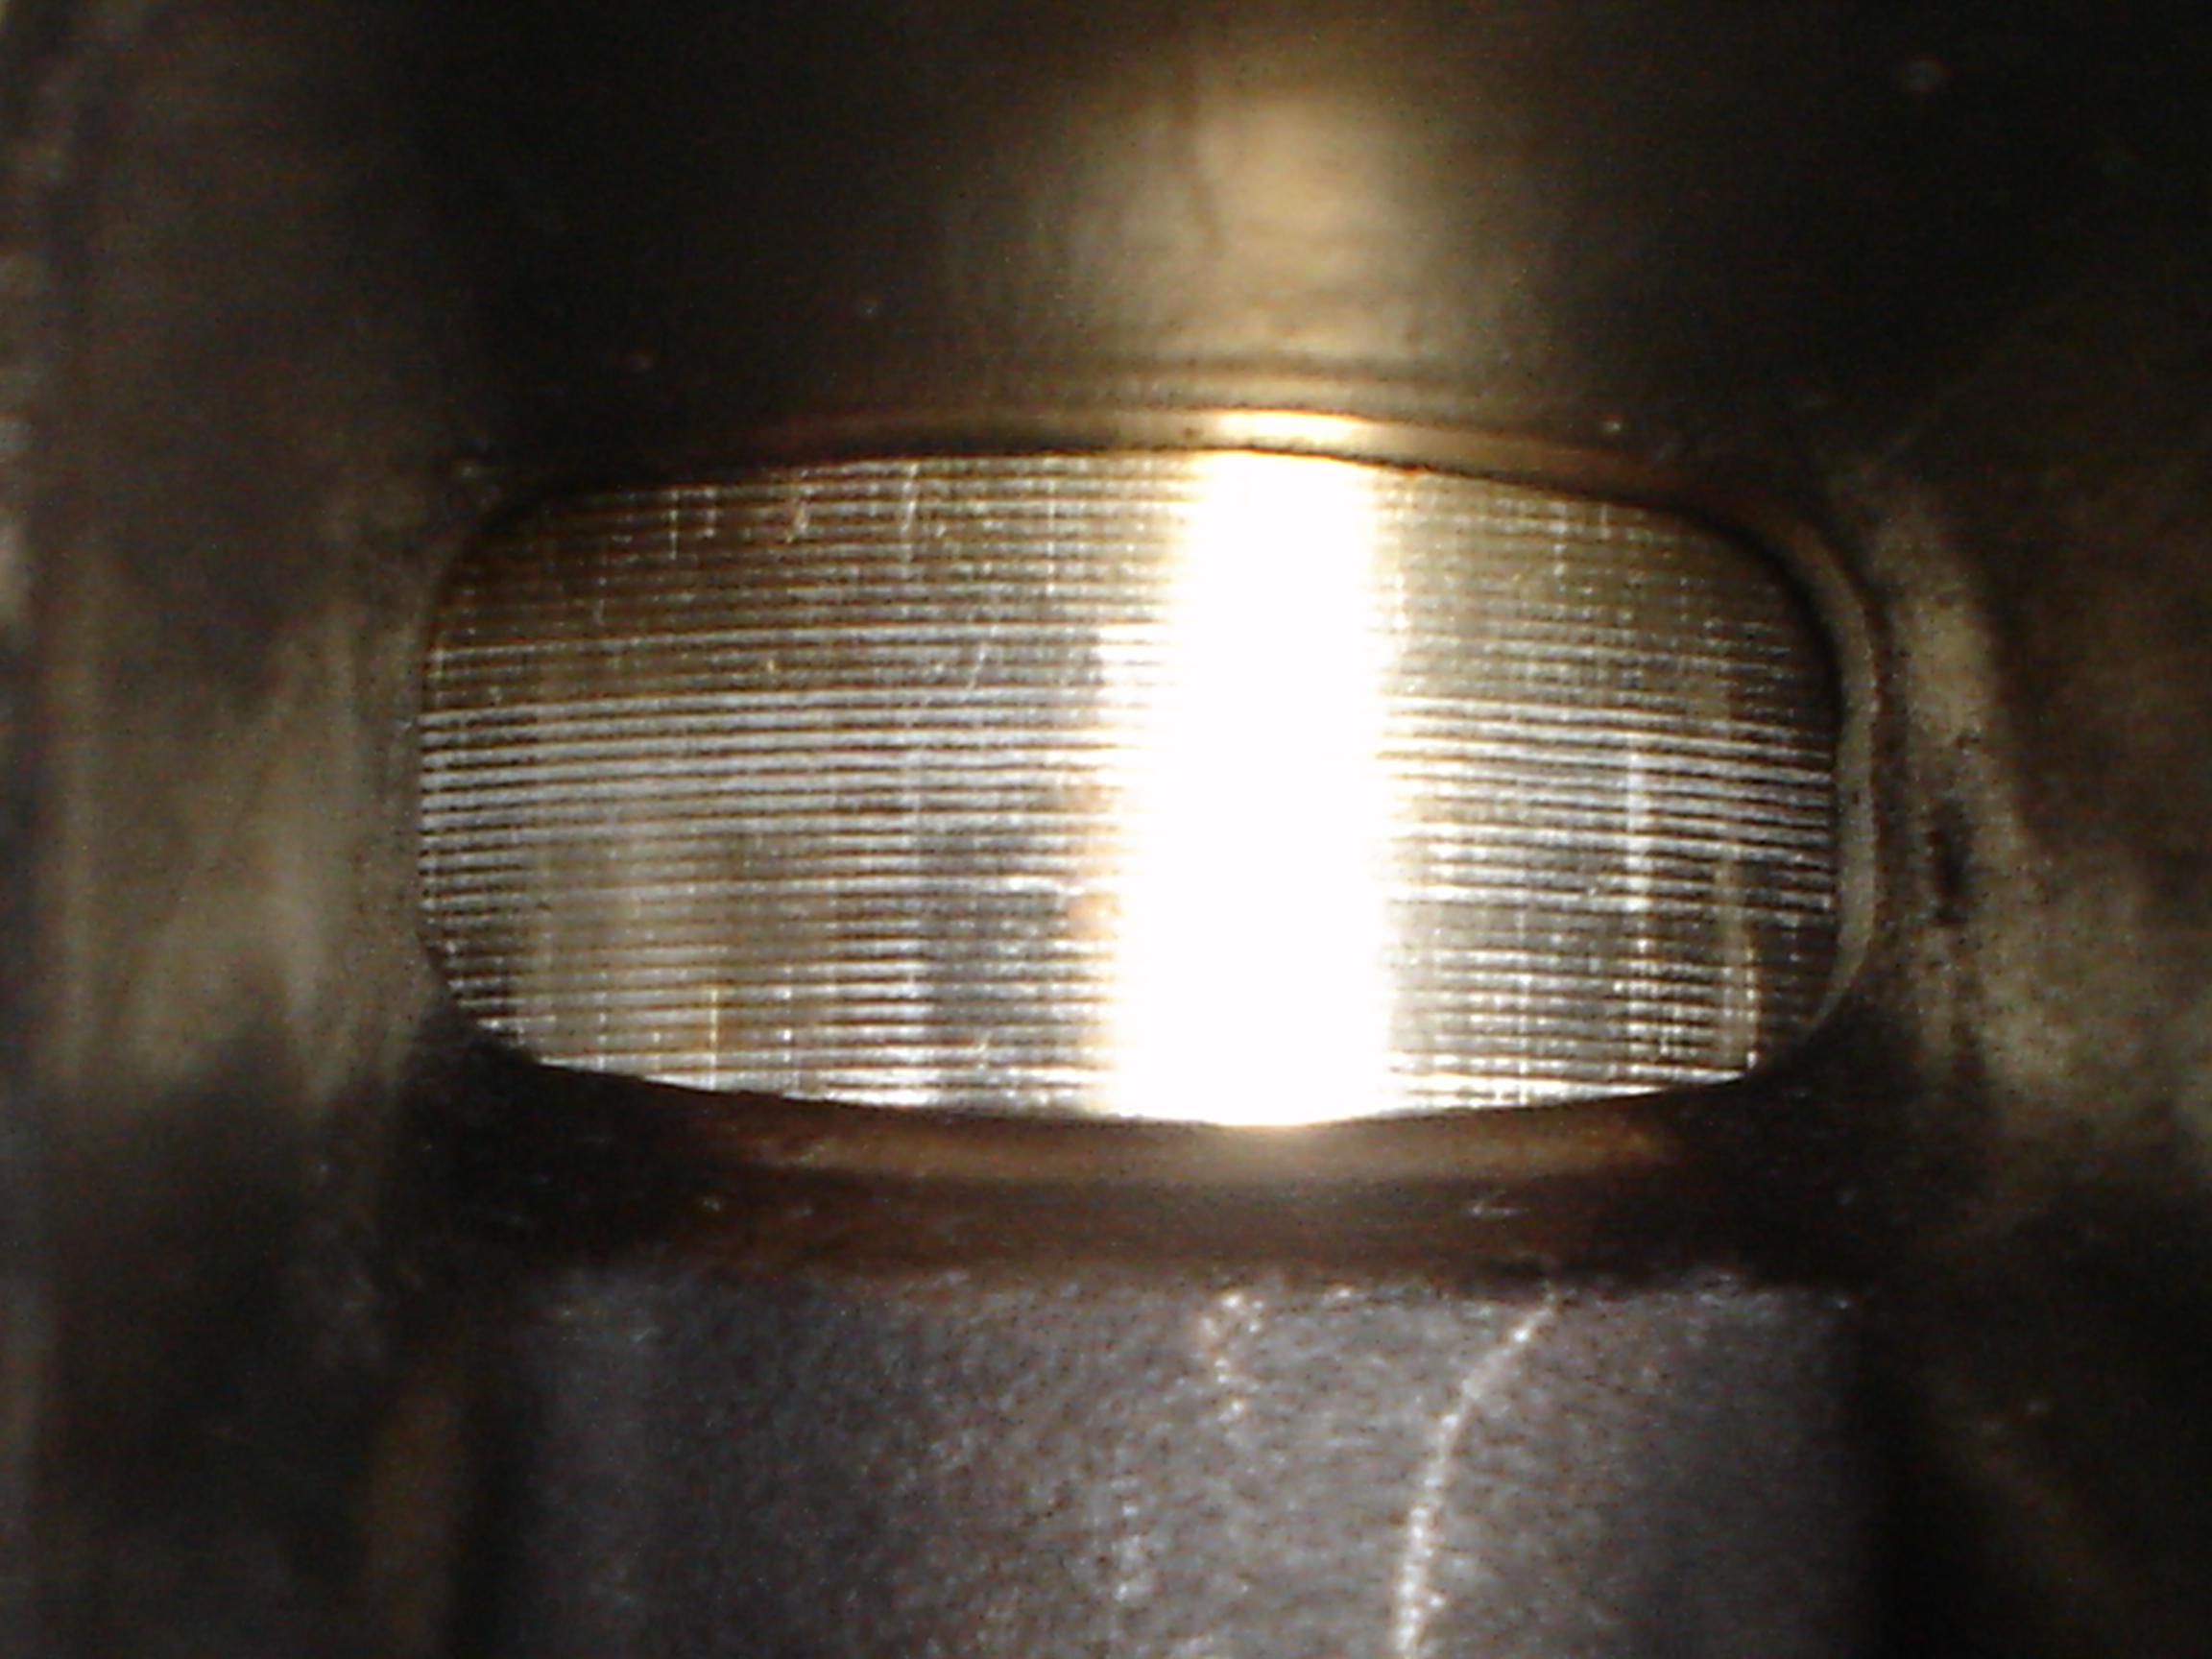 Stihl MS181, Hard to pull cord,wont start  - Page 3